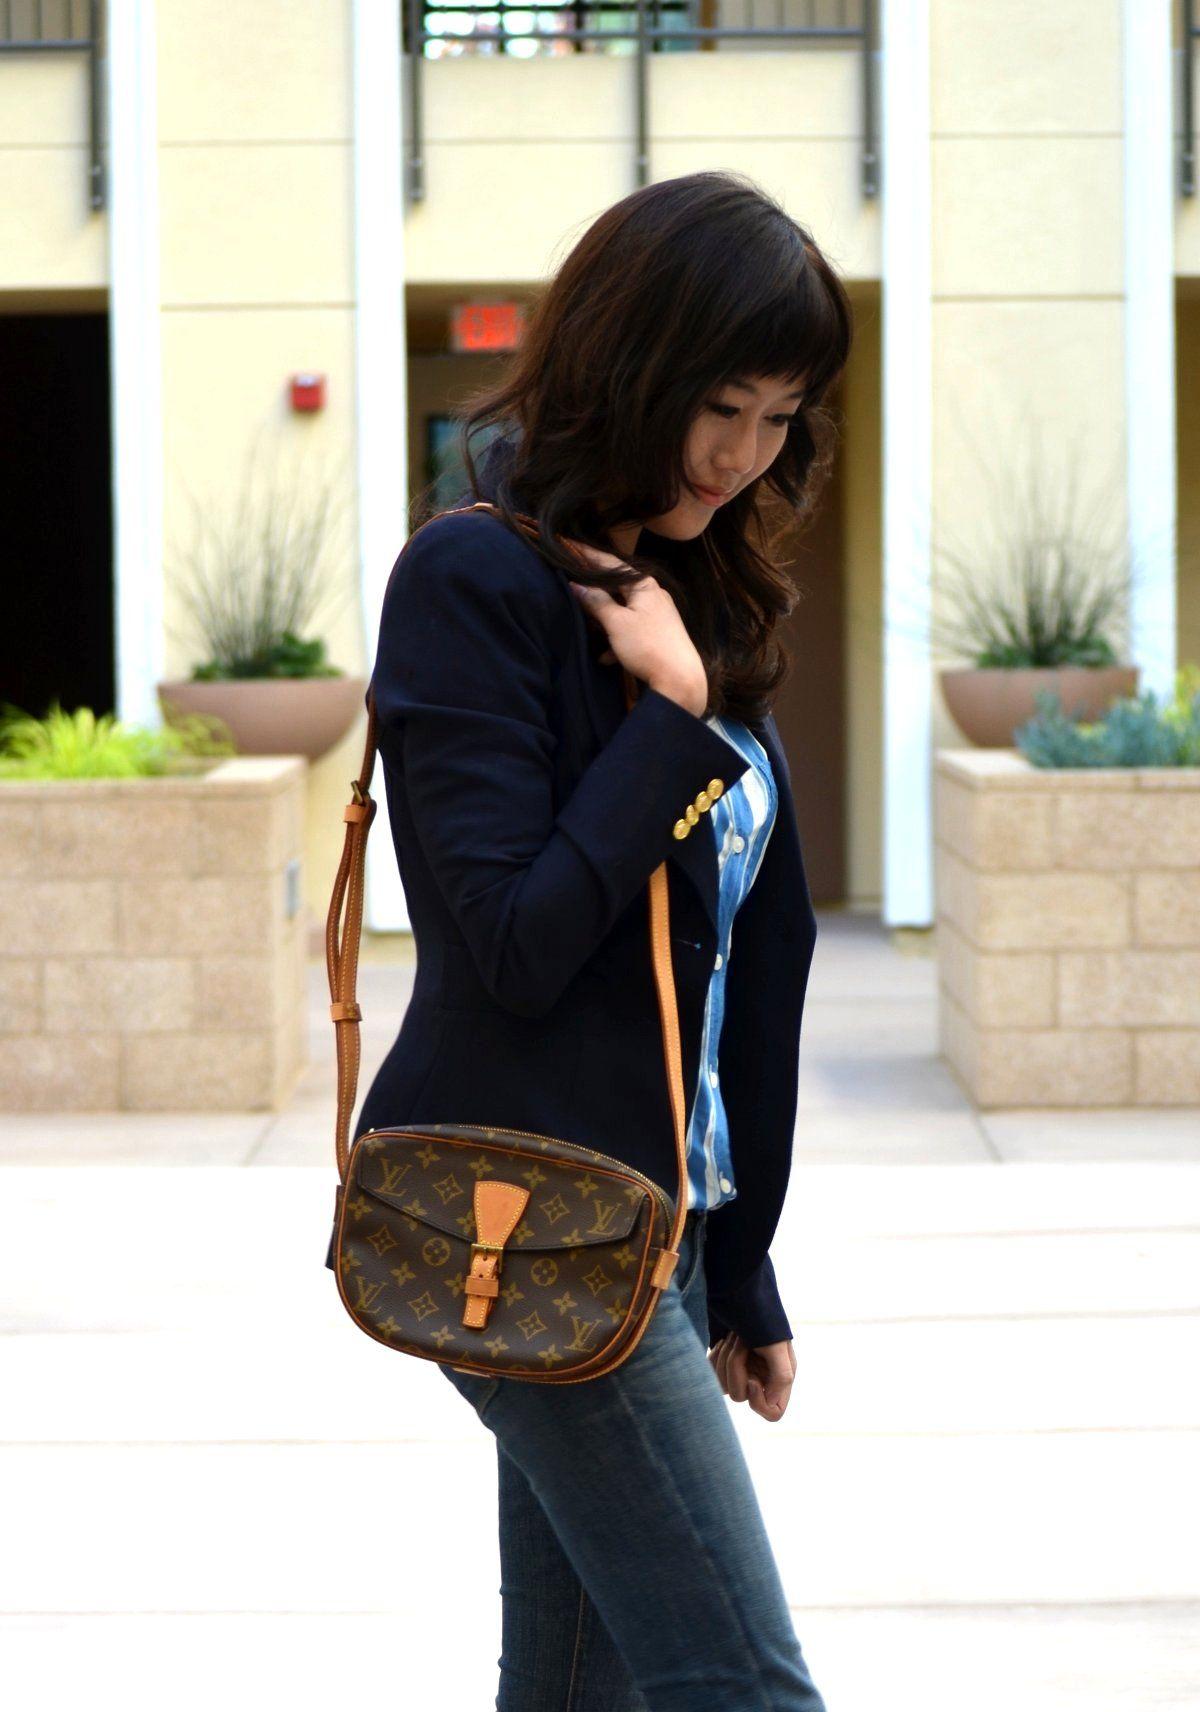 65f8e653ab4a Louis Vuitton Jeune Fille Shoulder Bag